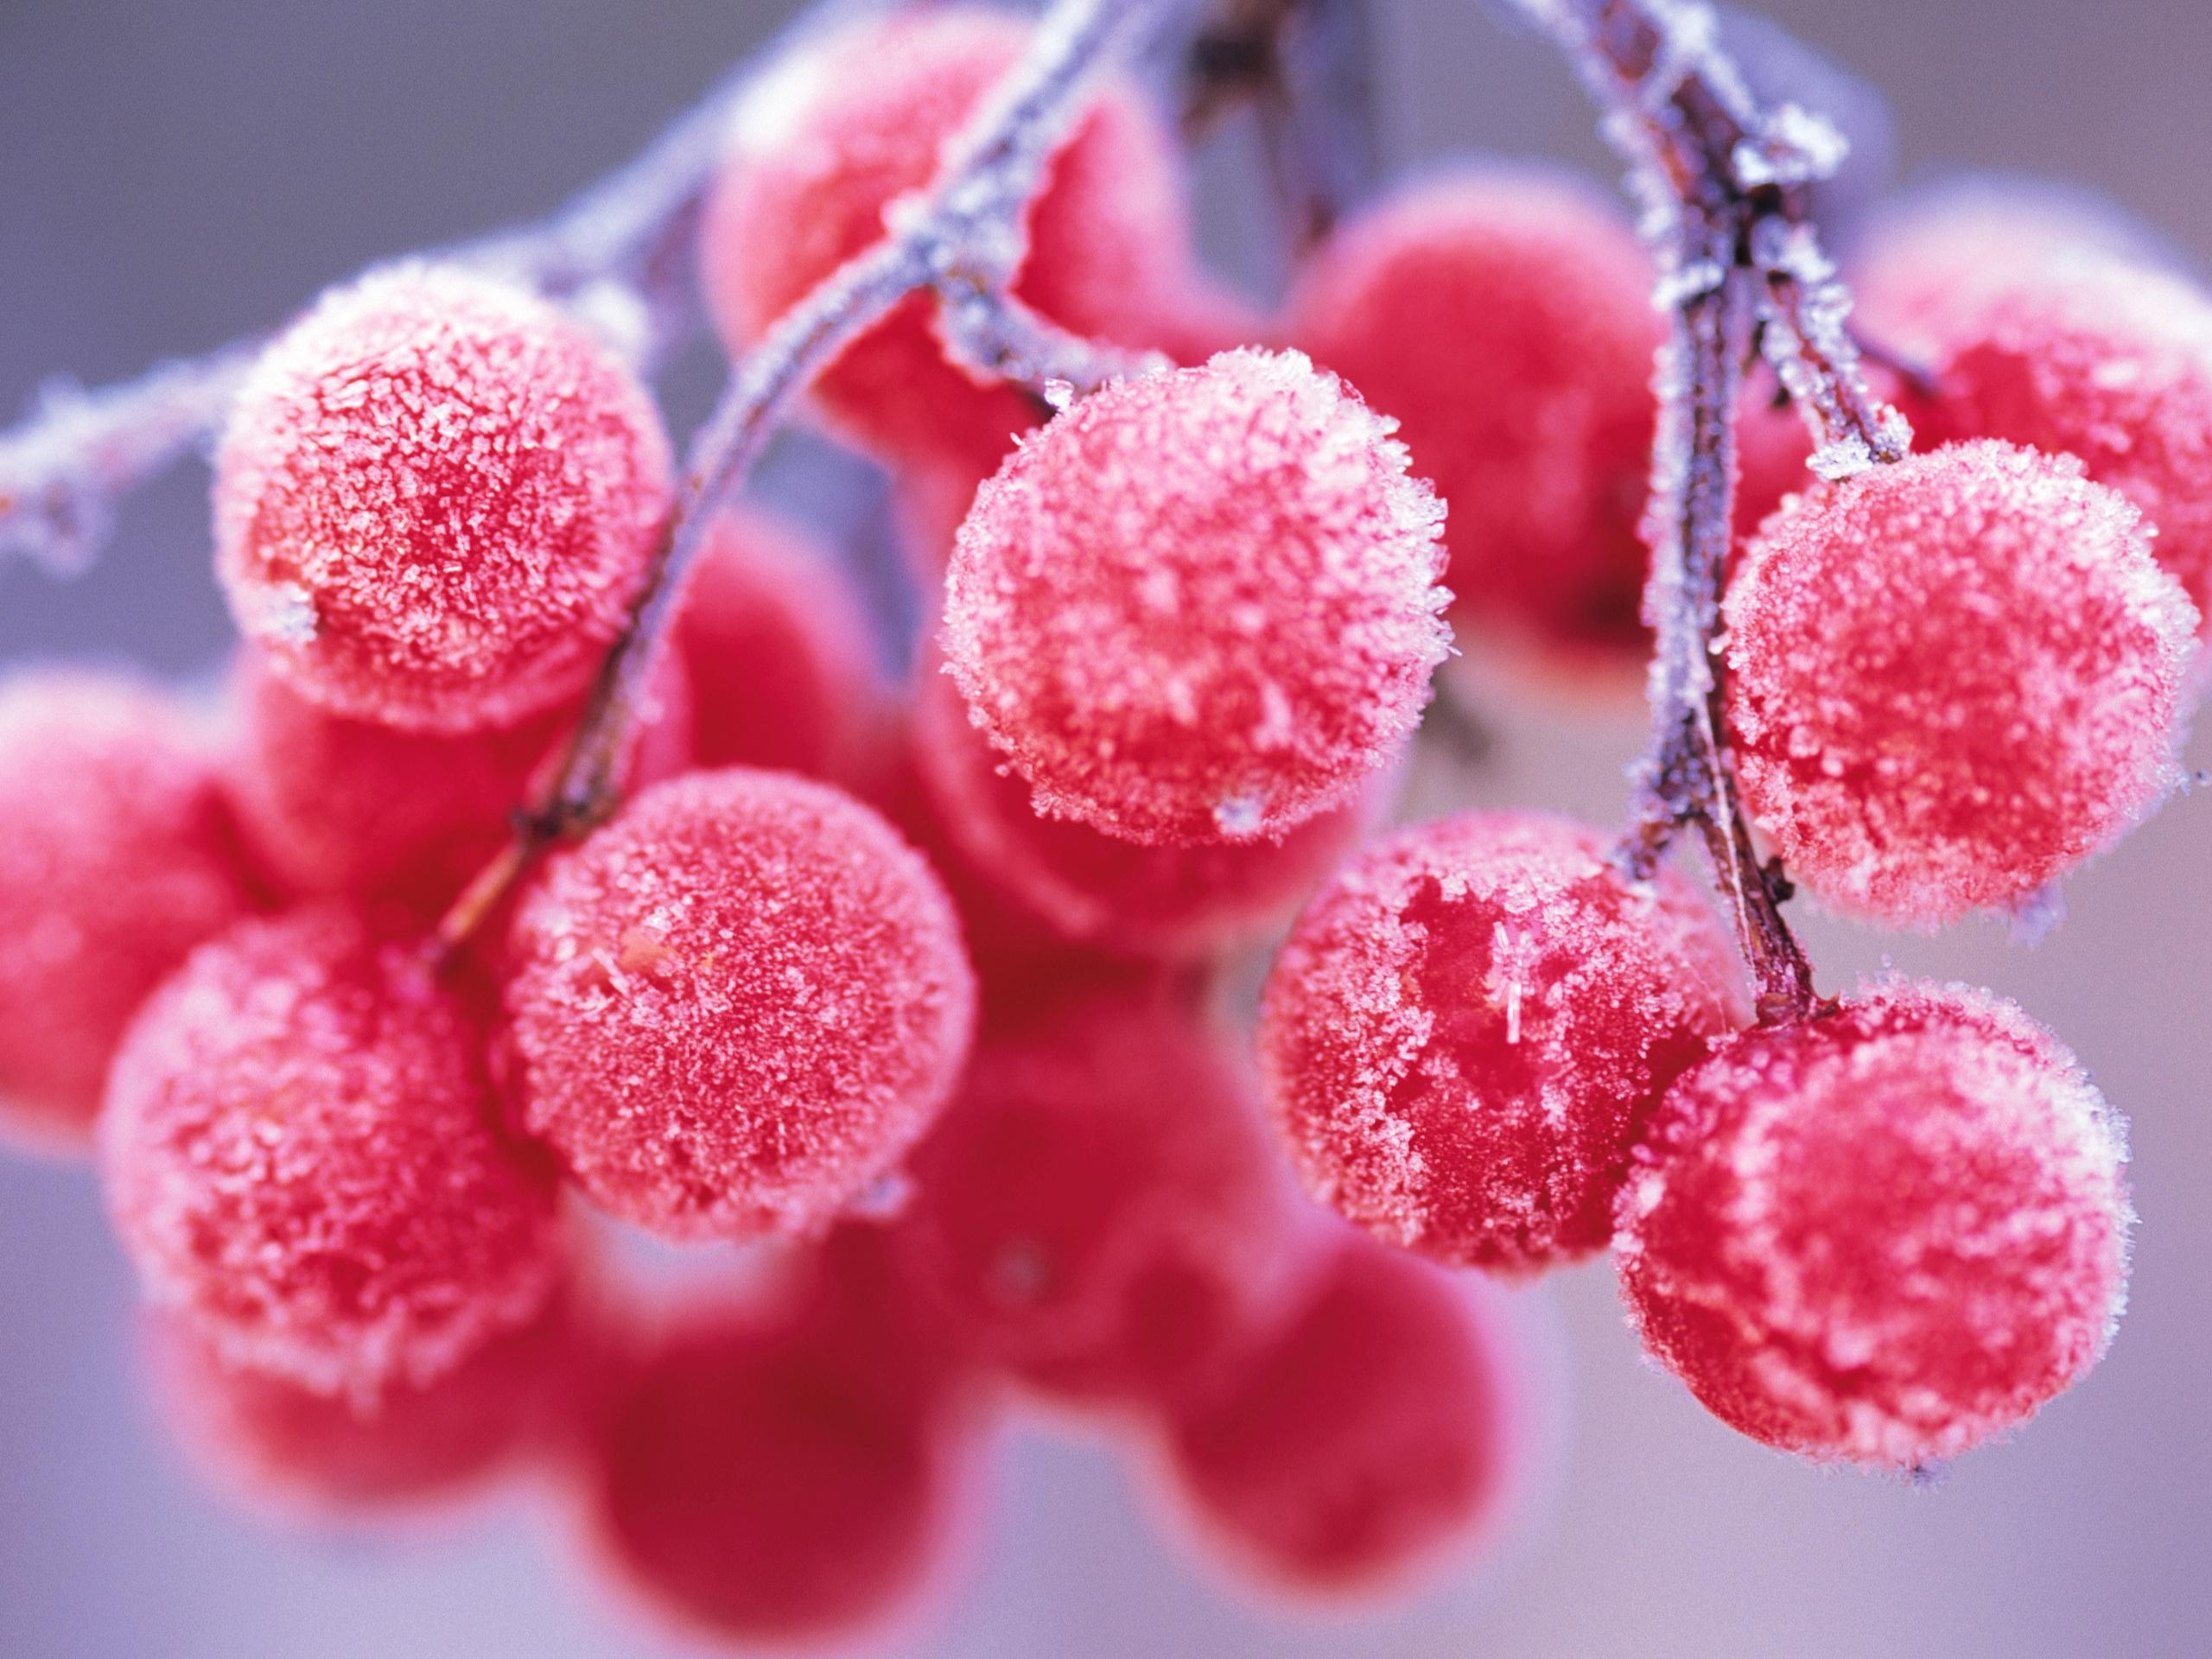 kleine rote beeren frost zweig 2560x1920 hd hintergrundbilder hd bild. Black Bedroom Furniture Sets. Home Design Ideas